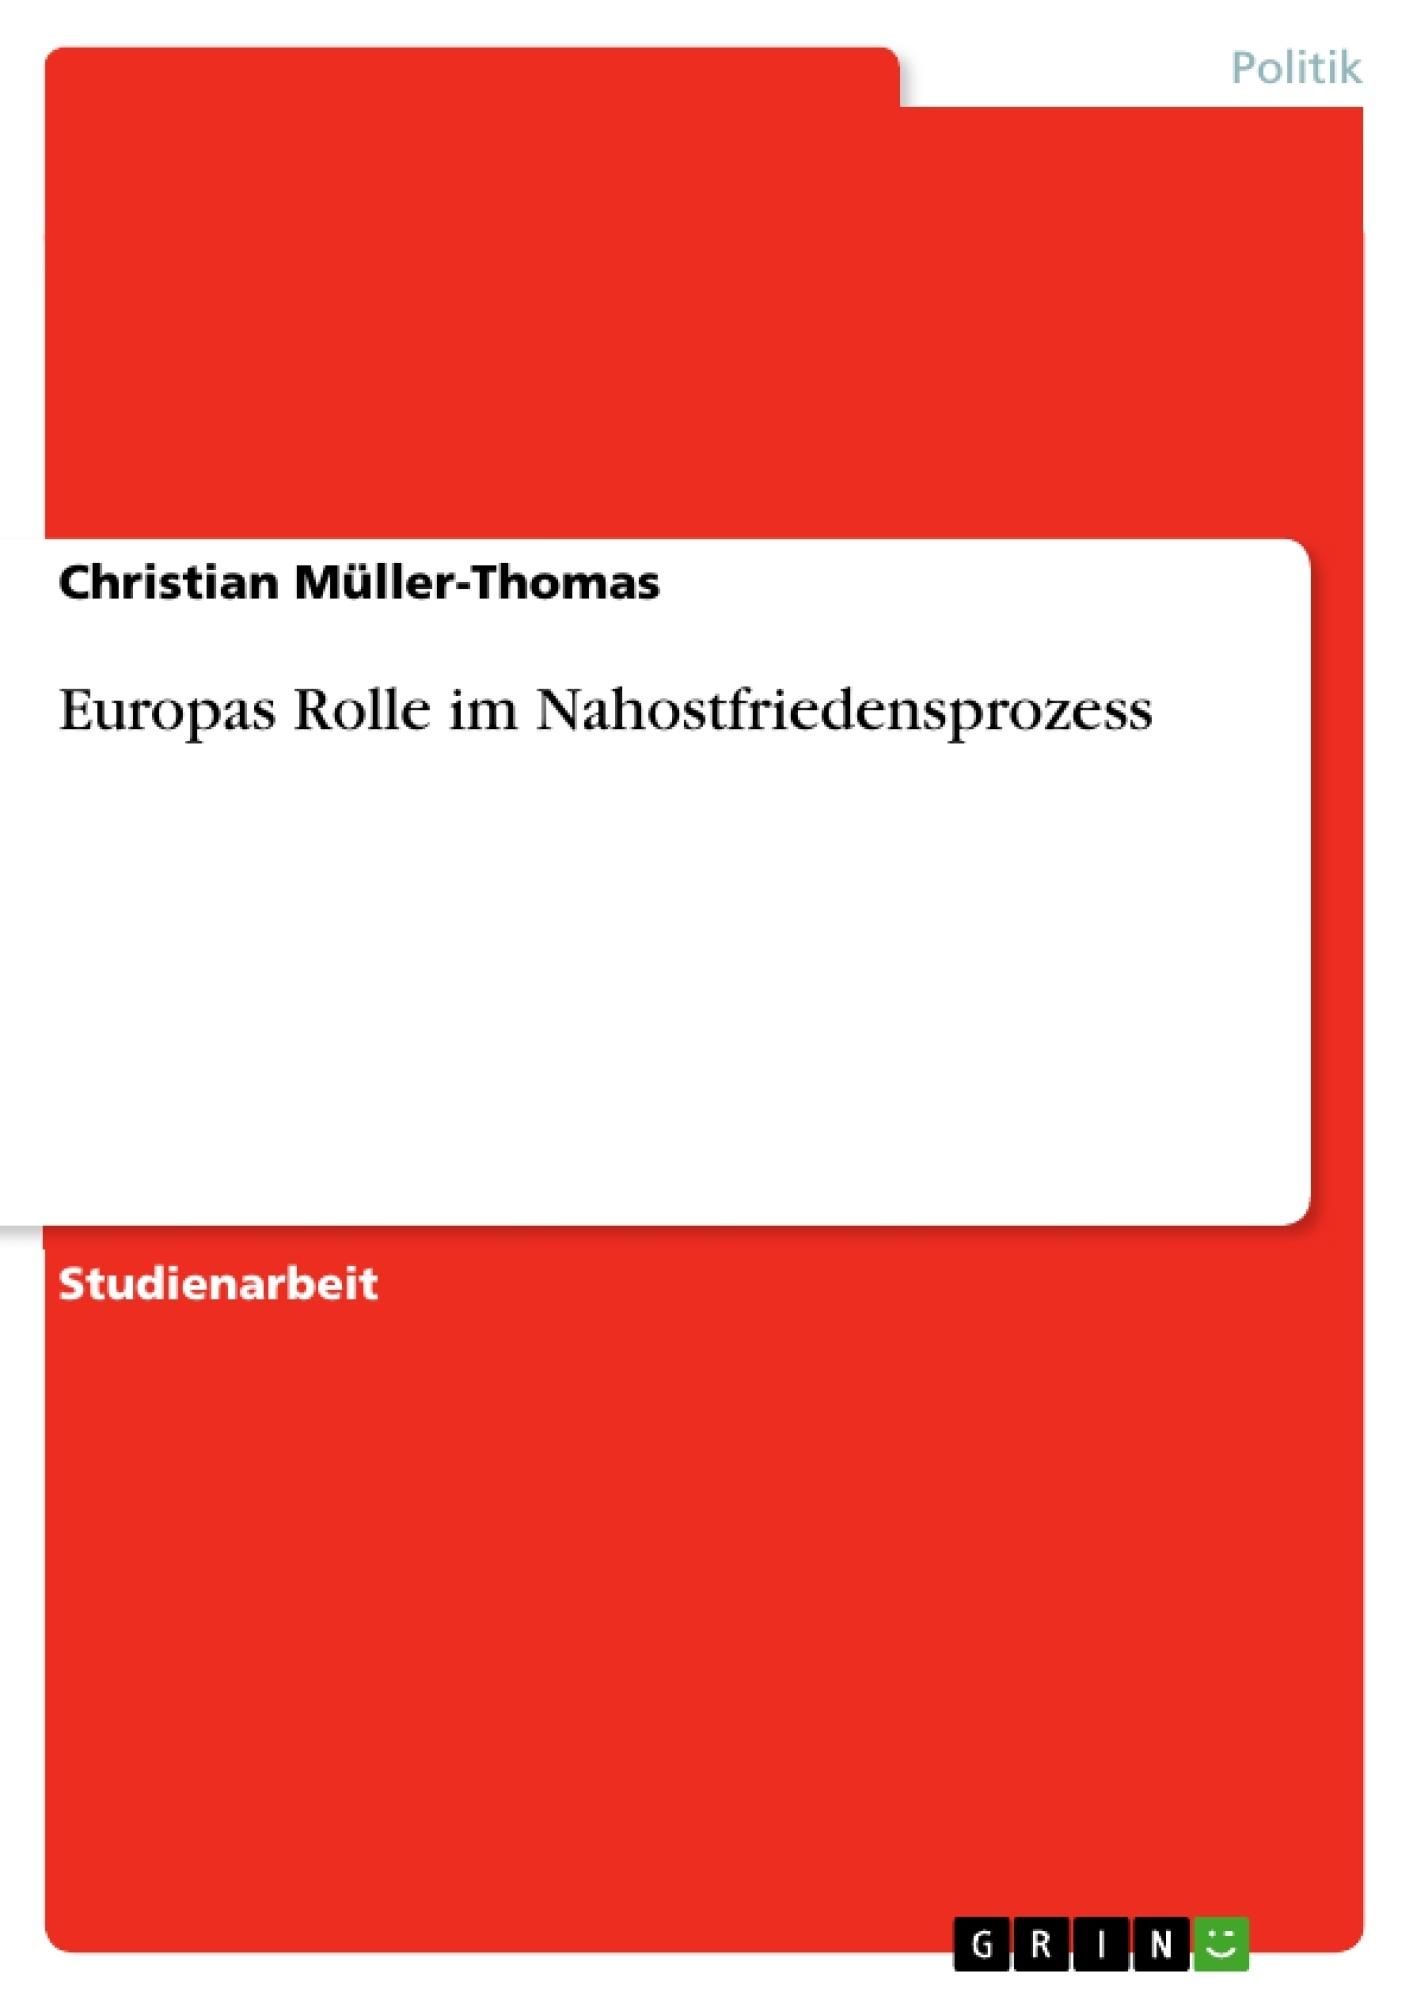 Titel: Europas Rolle im Nahostfriedensprozess